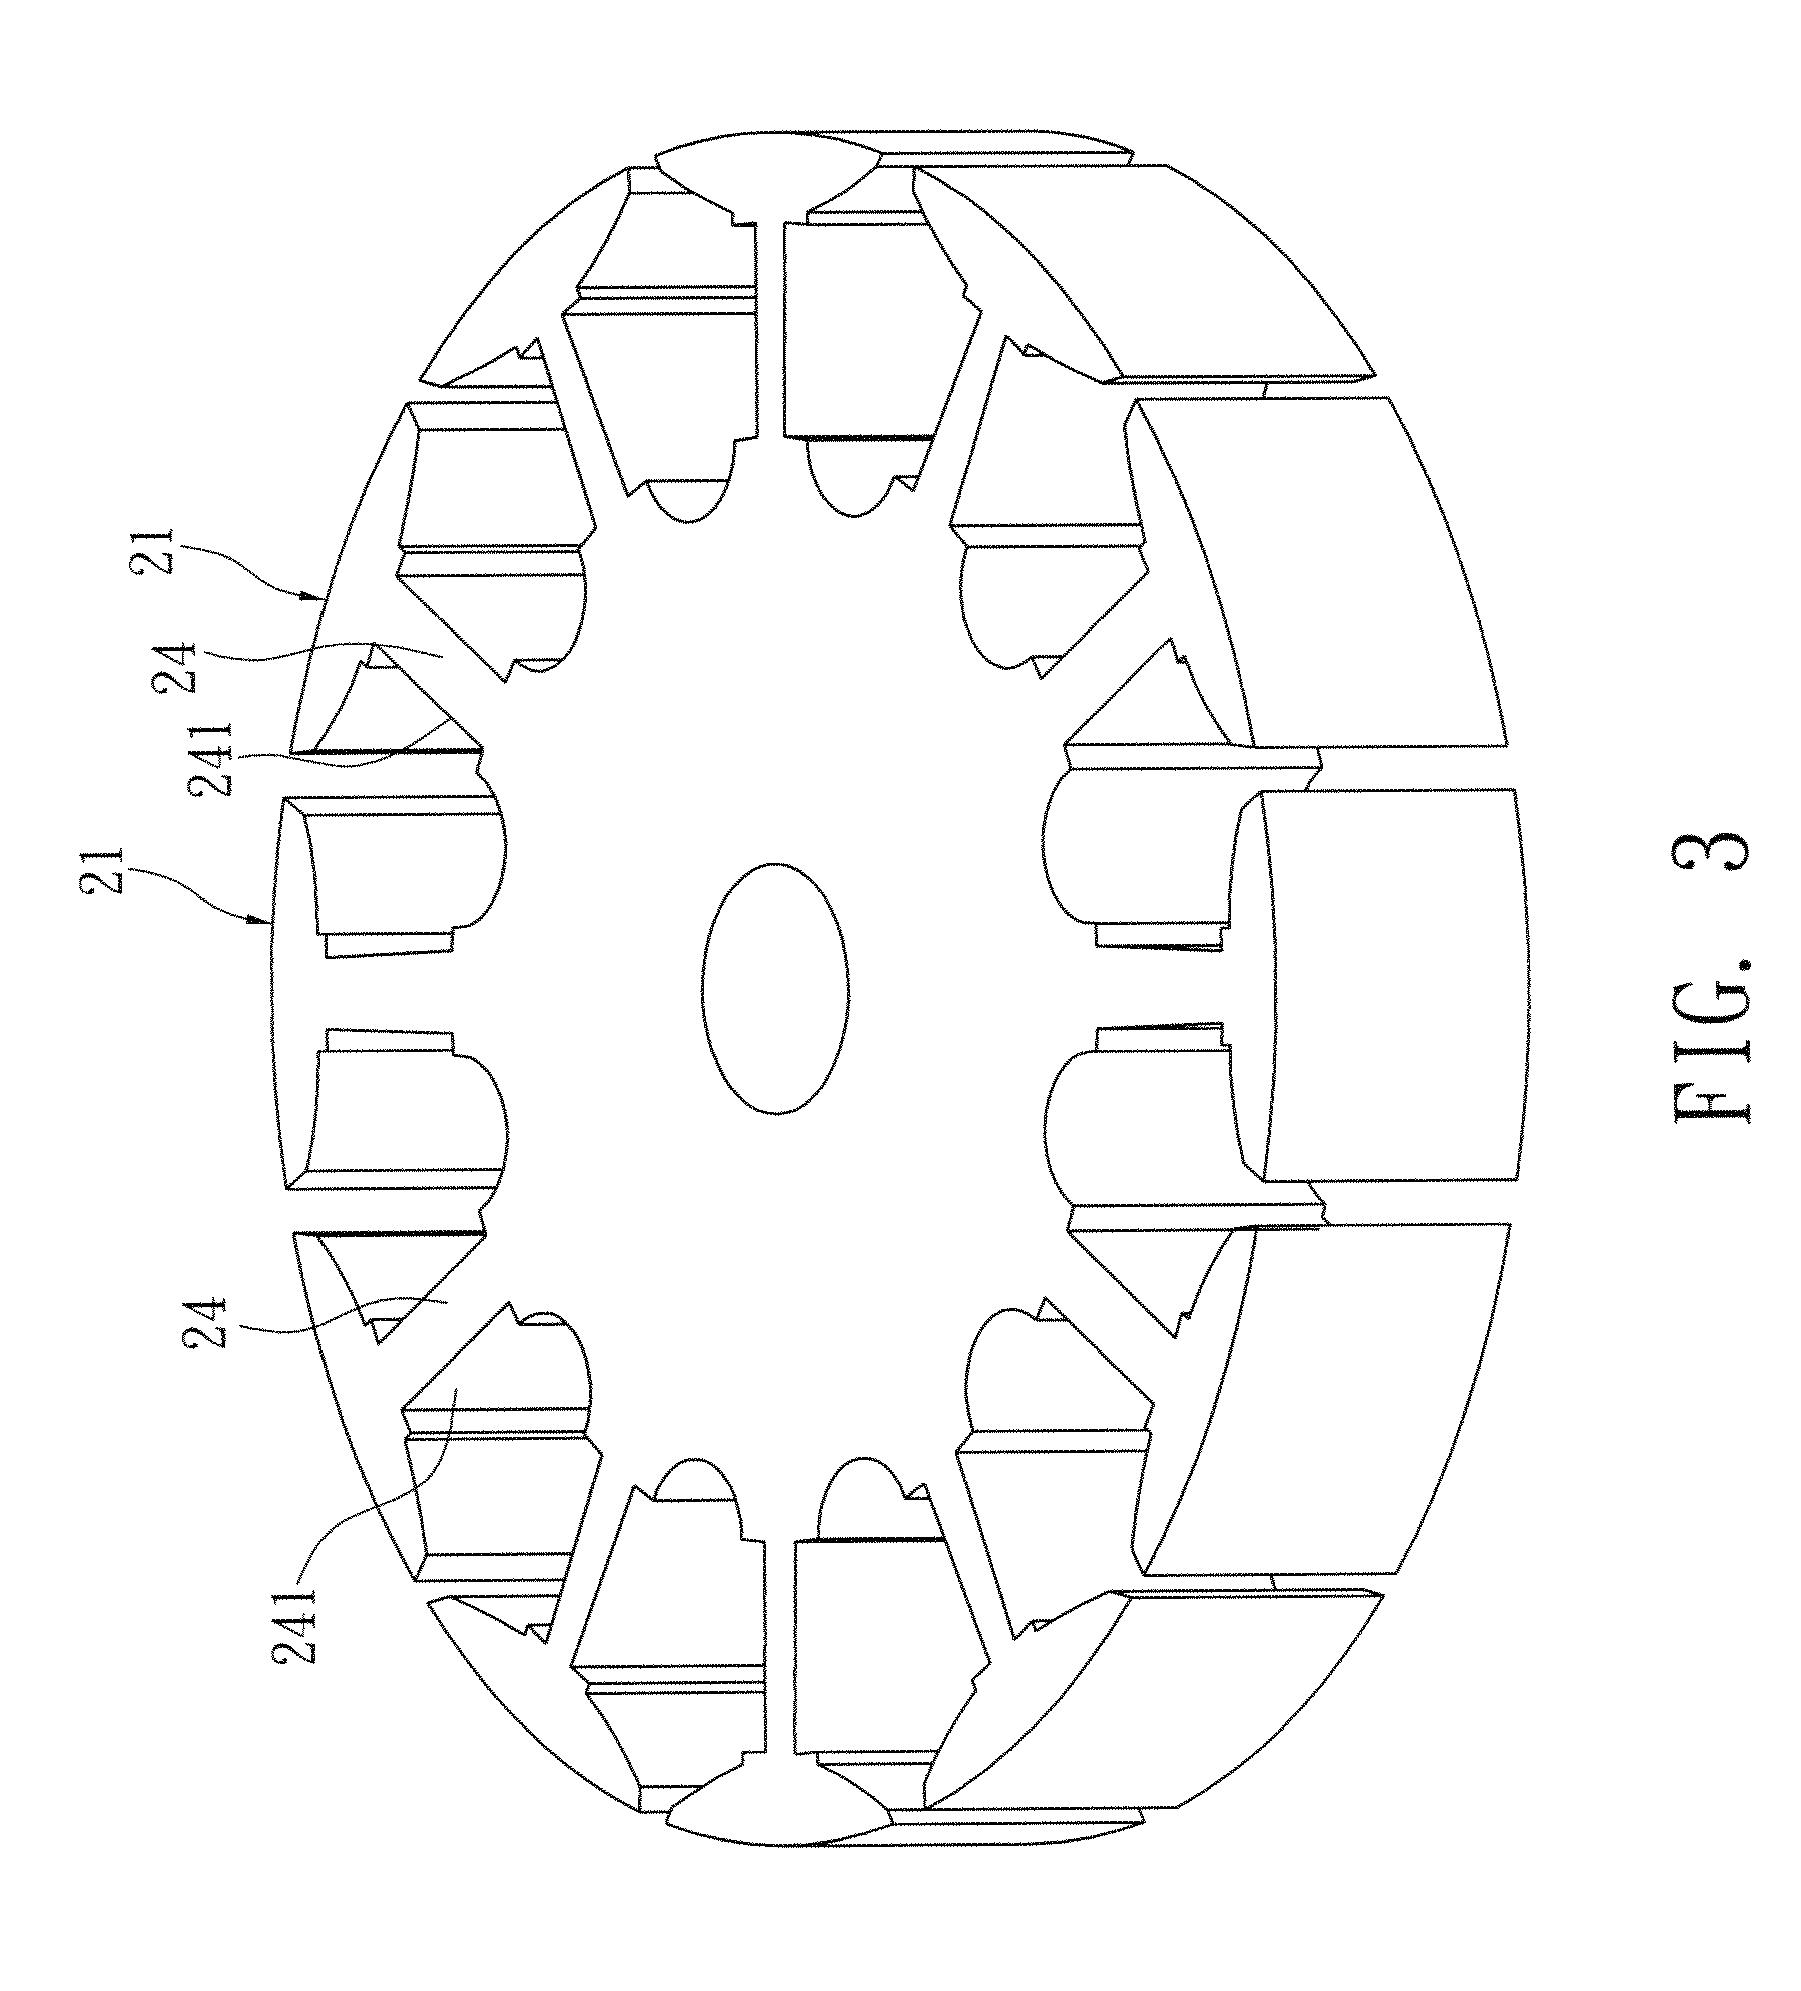 Ceiling Fan Motor Winding Diagram